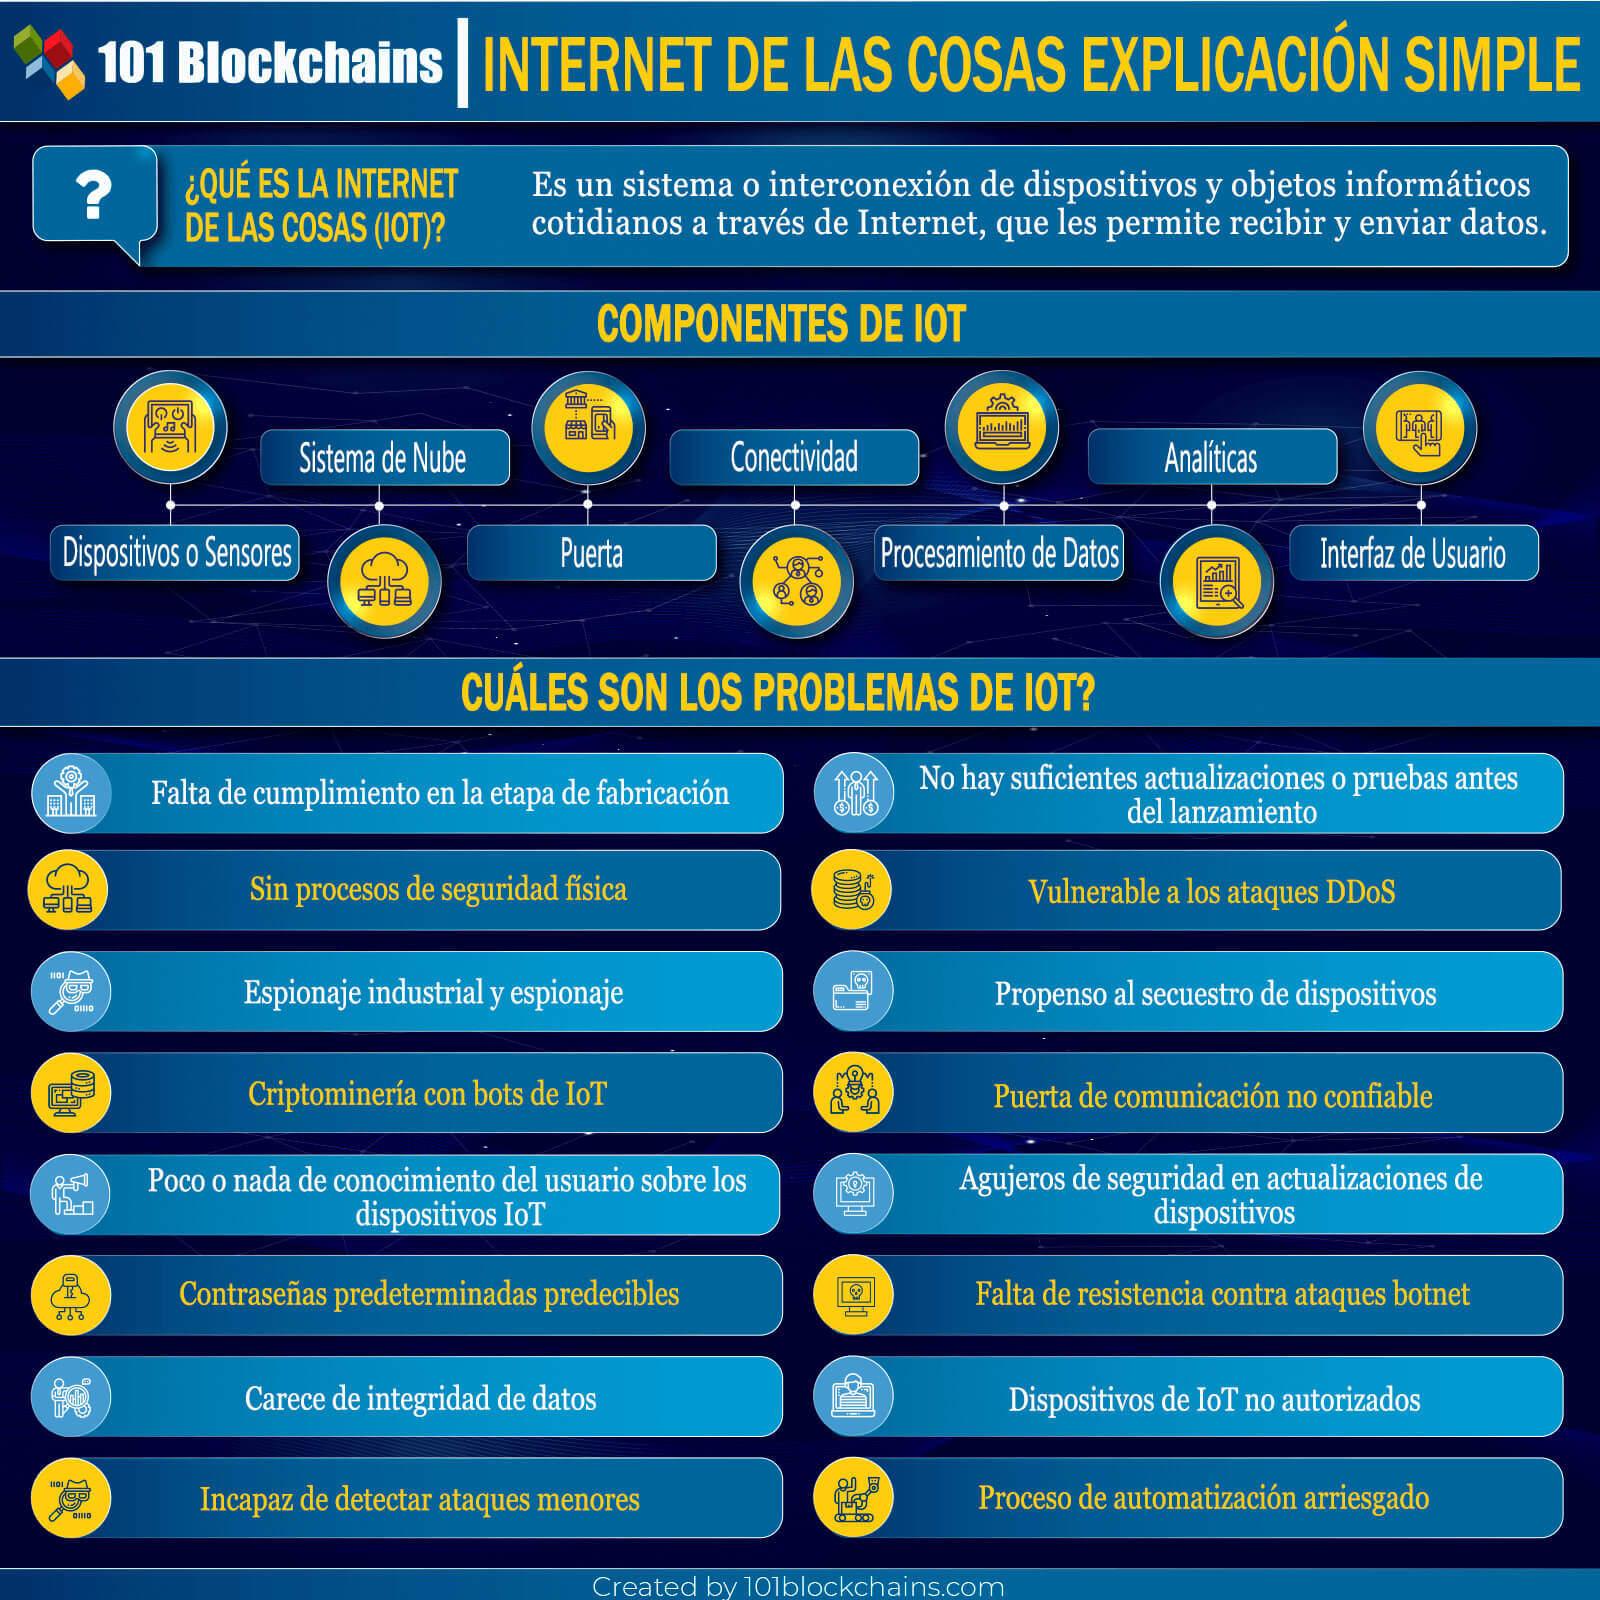 INTERNET DE LAS COSAS EXPLICACION SIMPLE